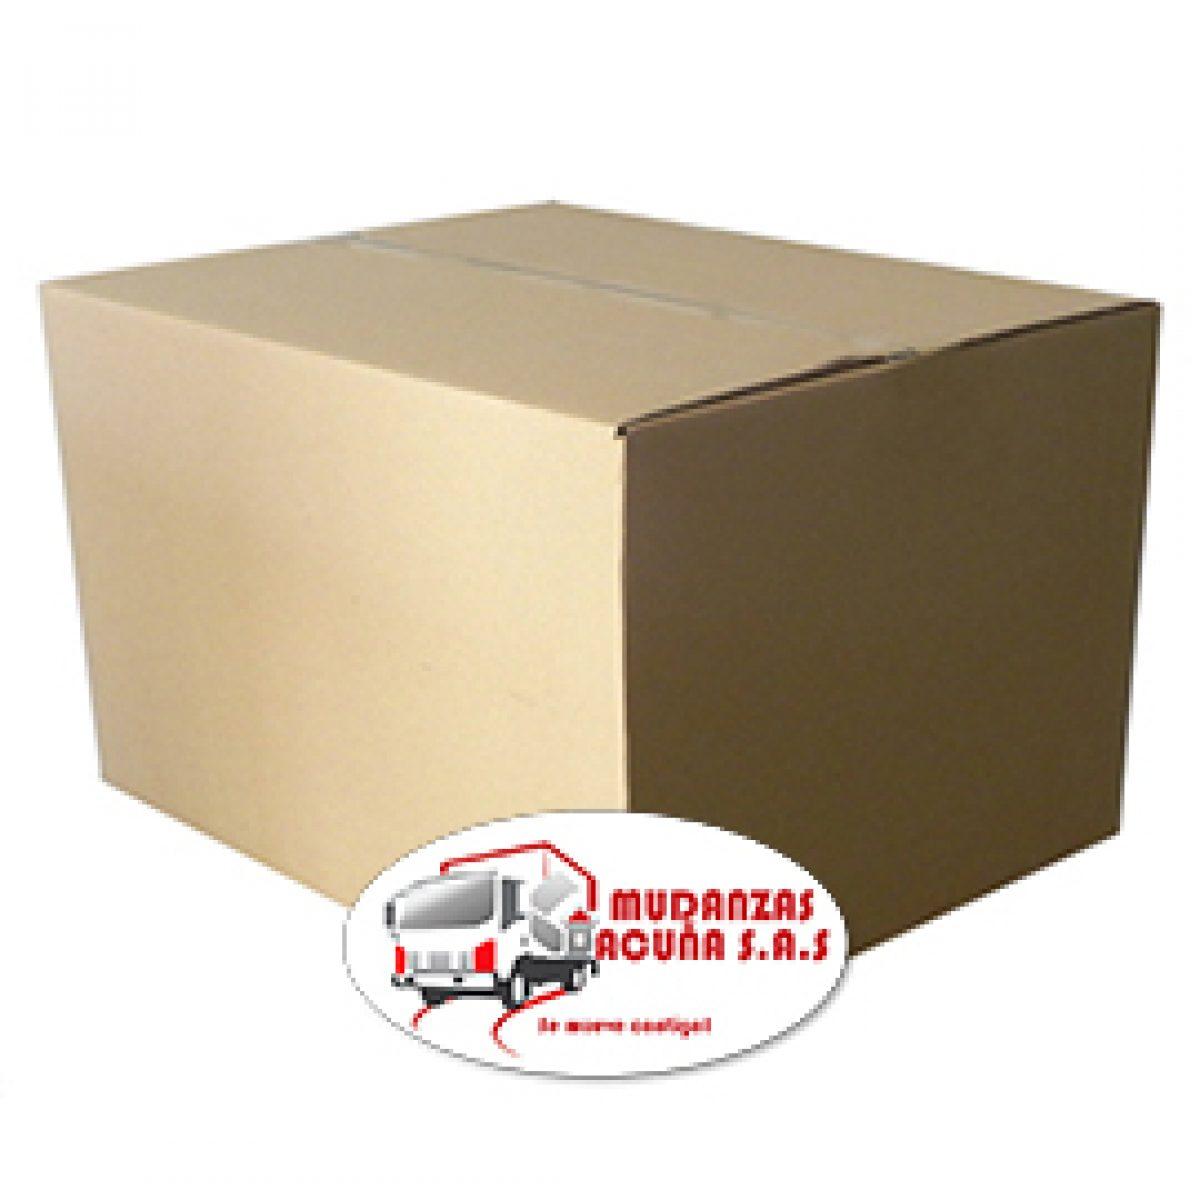 cajas para mudanza varios